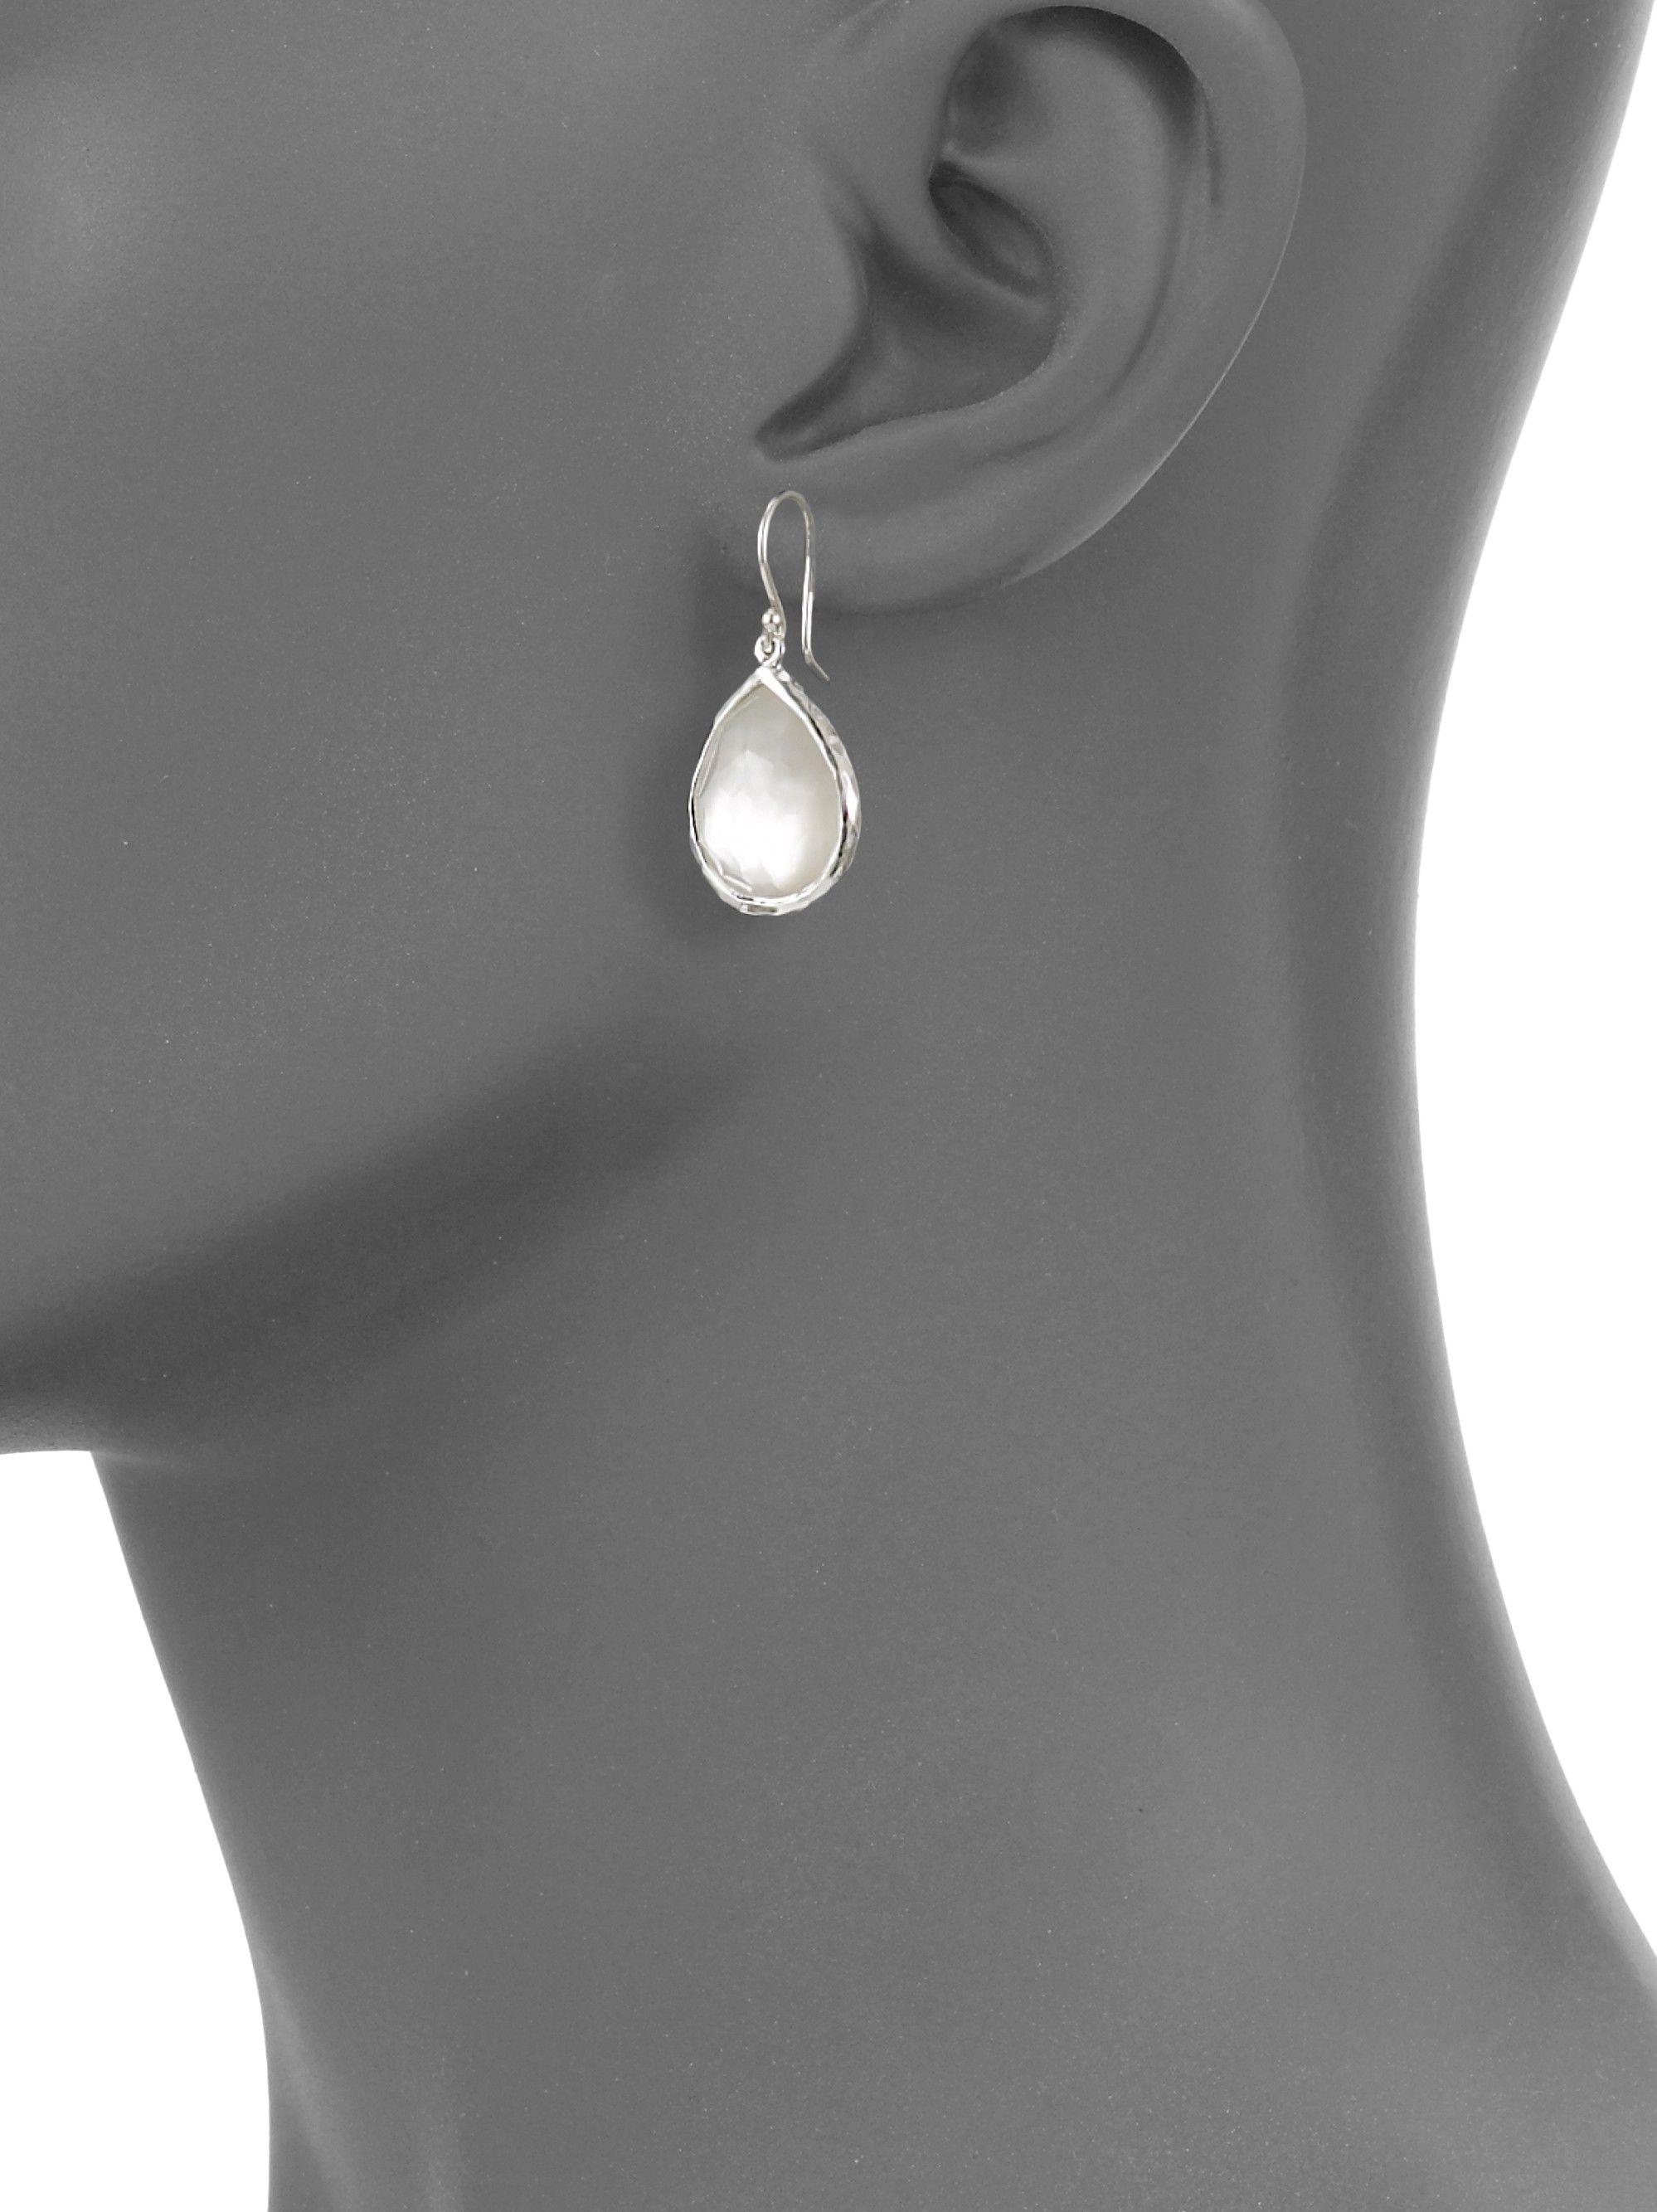 c5d9ef15b Ippolita Wonderland Mother-Of-Pearl, Clear Quartz & Sterling Silver Mini  Doublet Teardrop Earrings - One Size